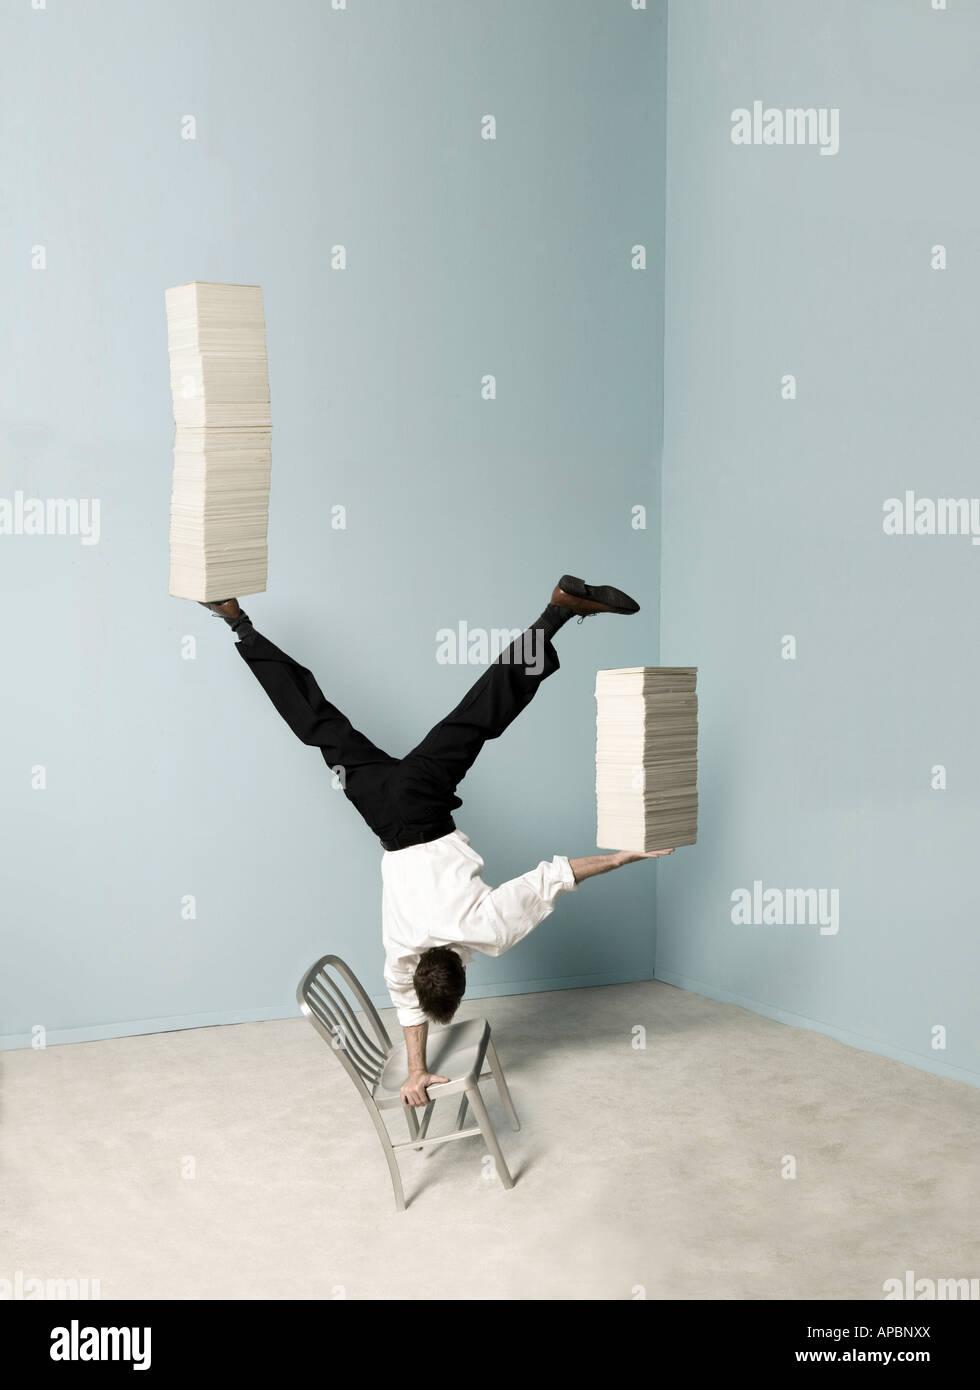 Uomo d'affari saldi di pile di carta mentre si fa un handstand su una sedia in ufficio equilibrio multi task Immagini Stock